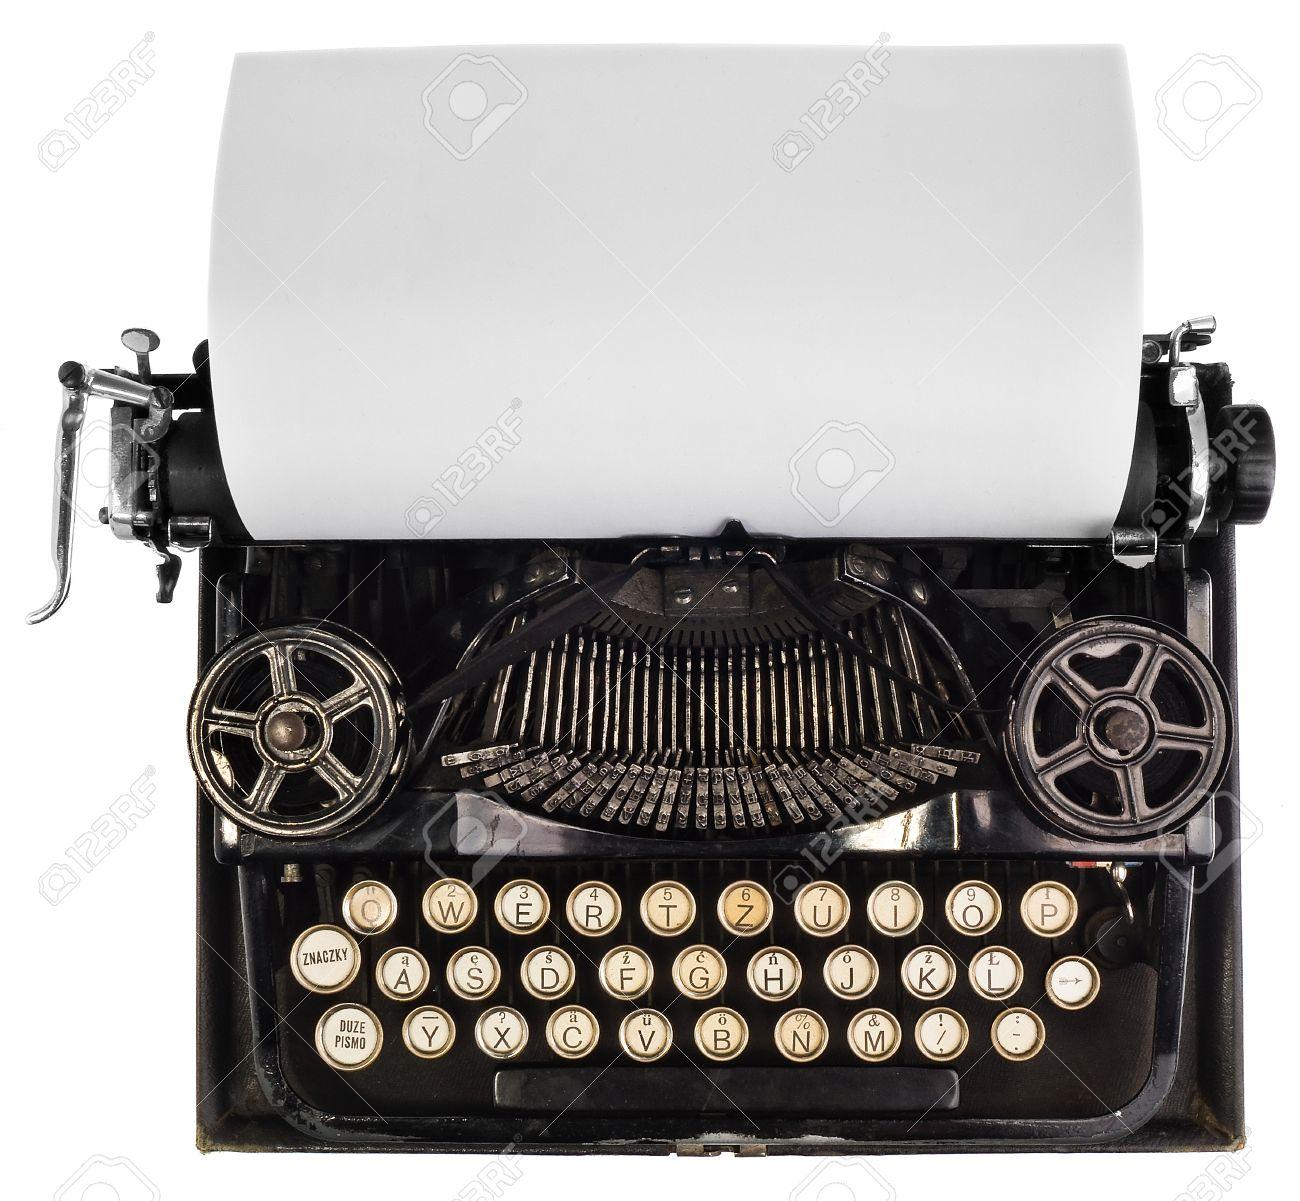 Antike Schreibmaschine mit weißen leeren Blatt Papier, Ansicht von oben auf  weißem Hintergrund, Ansicht des Mechanismus und Blick auf die alte ...